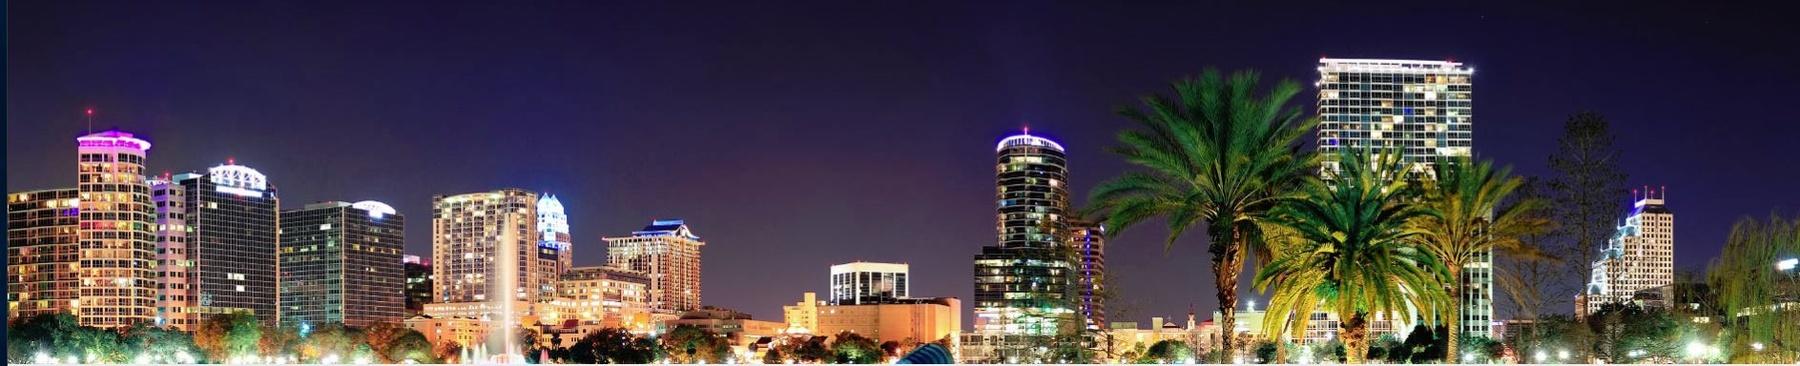 GIS 2020 Orlando headerCapture